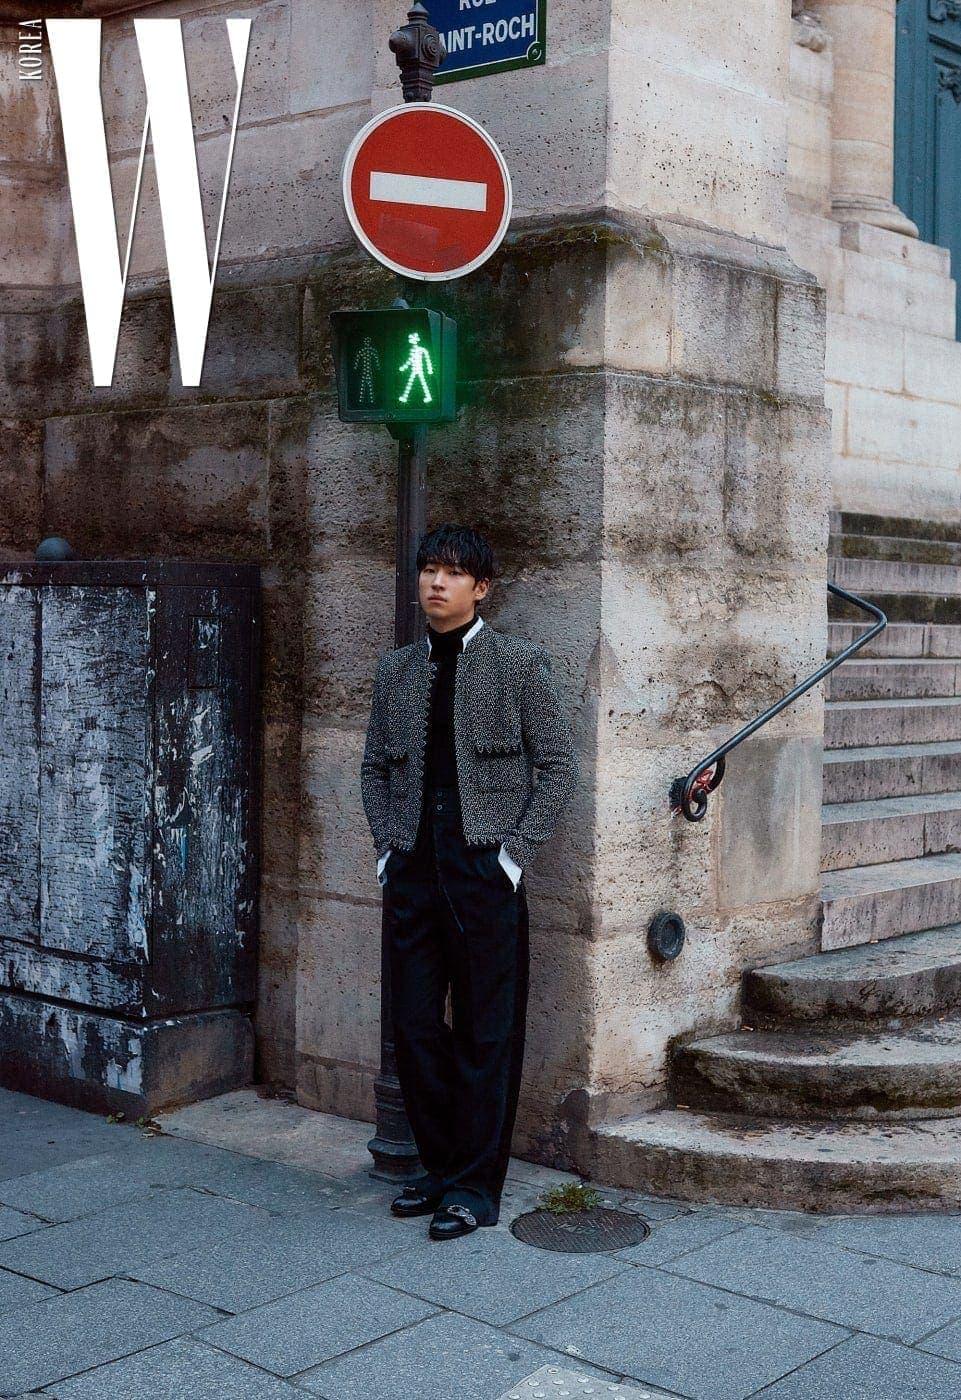 쇼트 재킷은 Chanel, 검정 터틀넥은 Ports 1961 by John White, 통넓은 팬츠는 Midorikawa by 1LDK, 슈즈는 Gucci 제품.